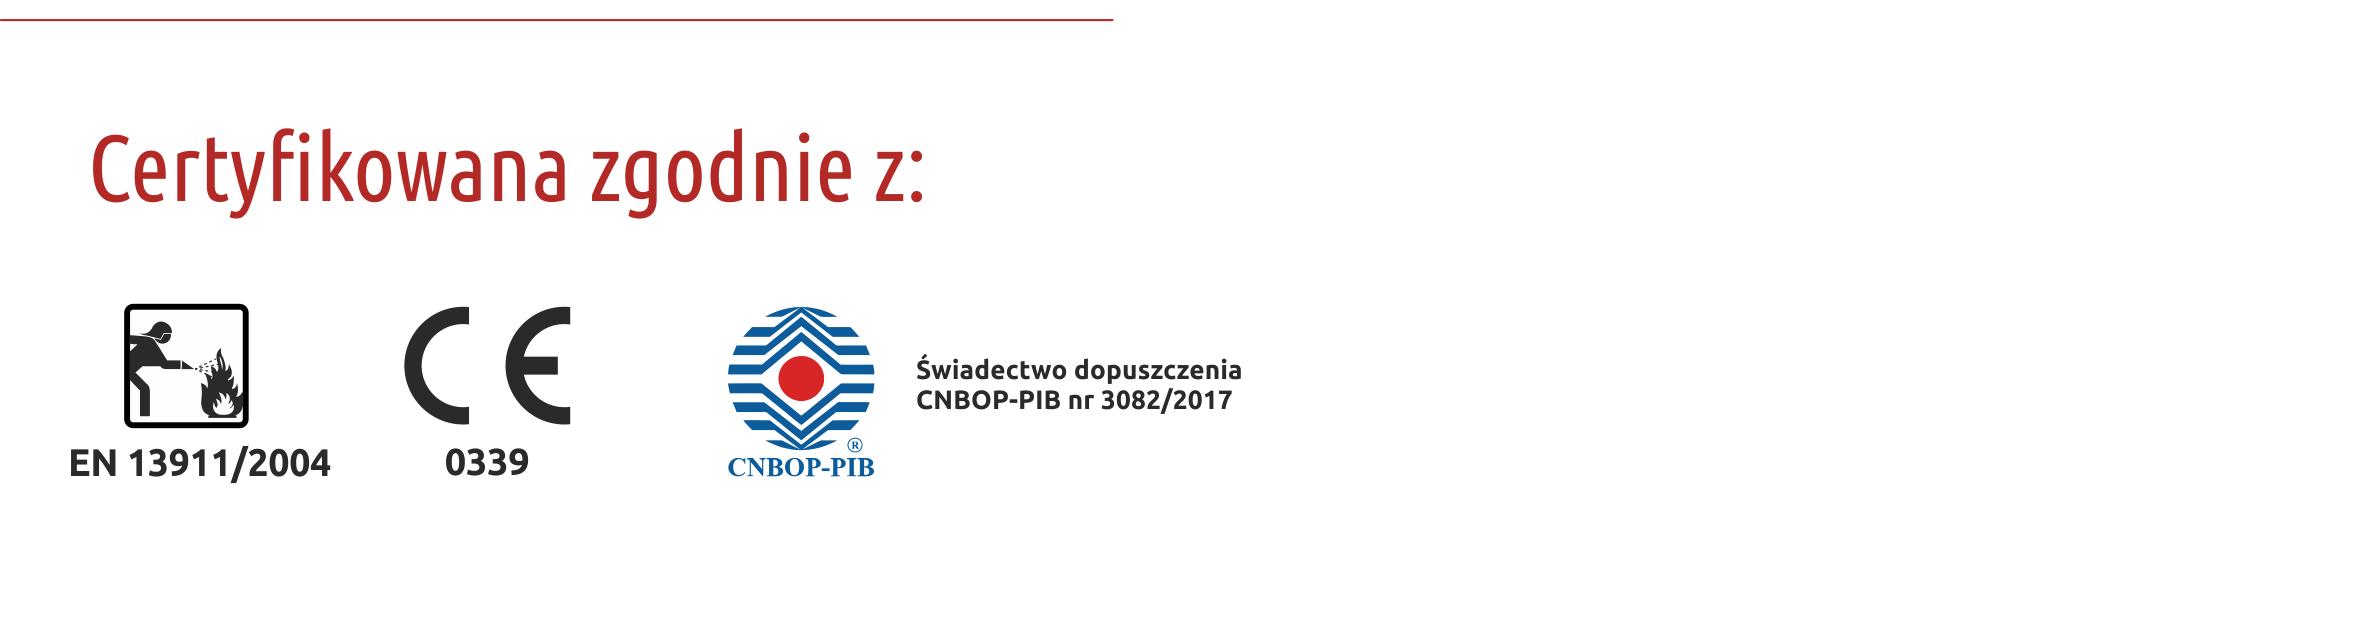 certyfikowany.png